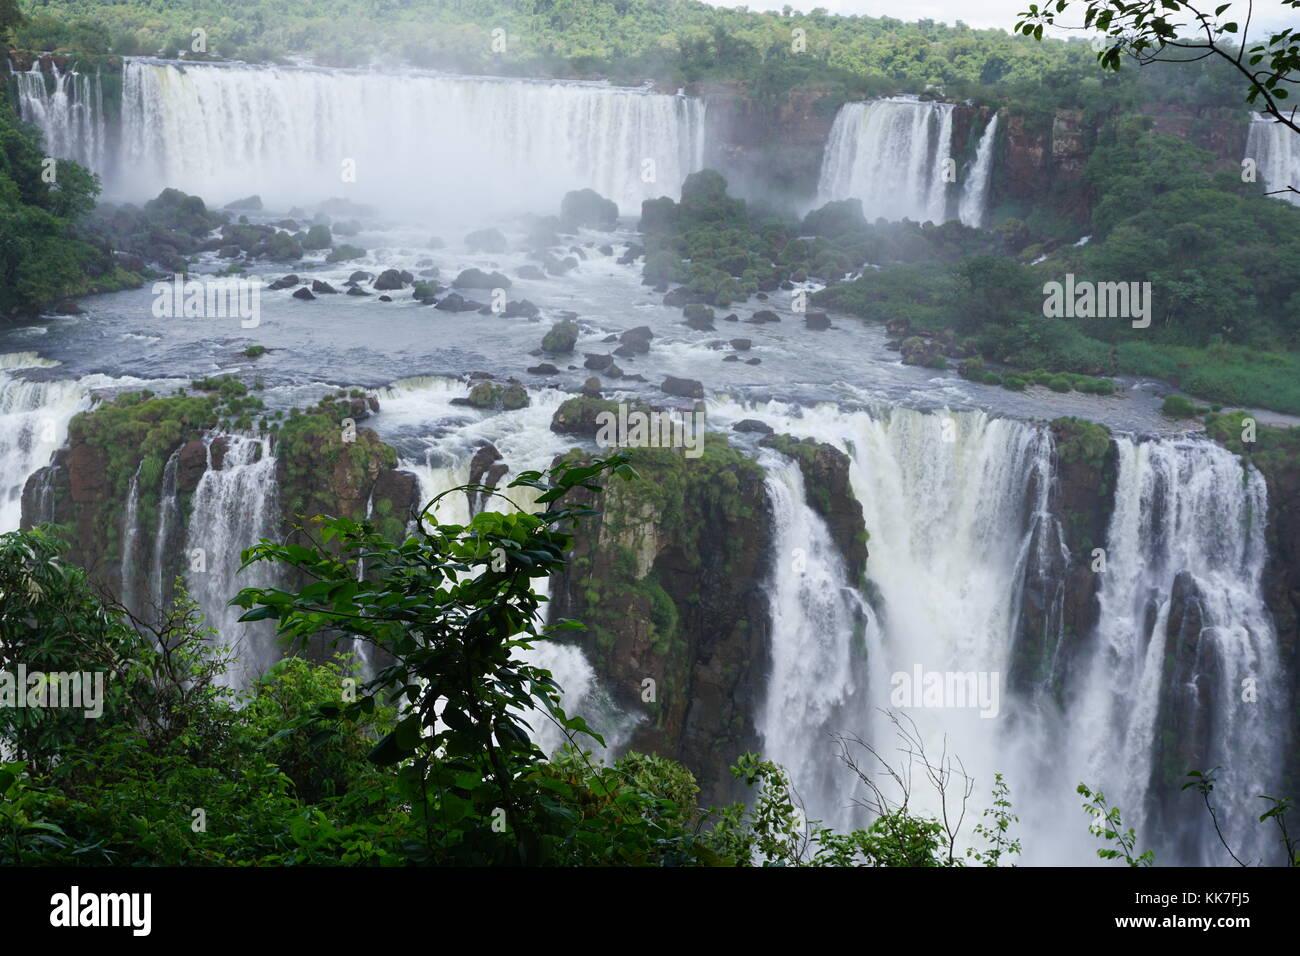 Iguazu Falls, chutes d'Iguazú, Iguassu Falls, ou des chutes d'Iguaçu, l'Amérique du Sud Banque D'Images